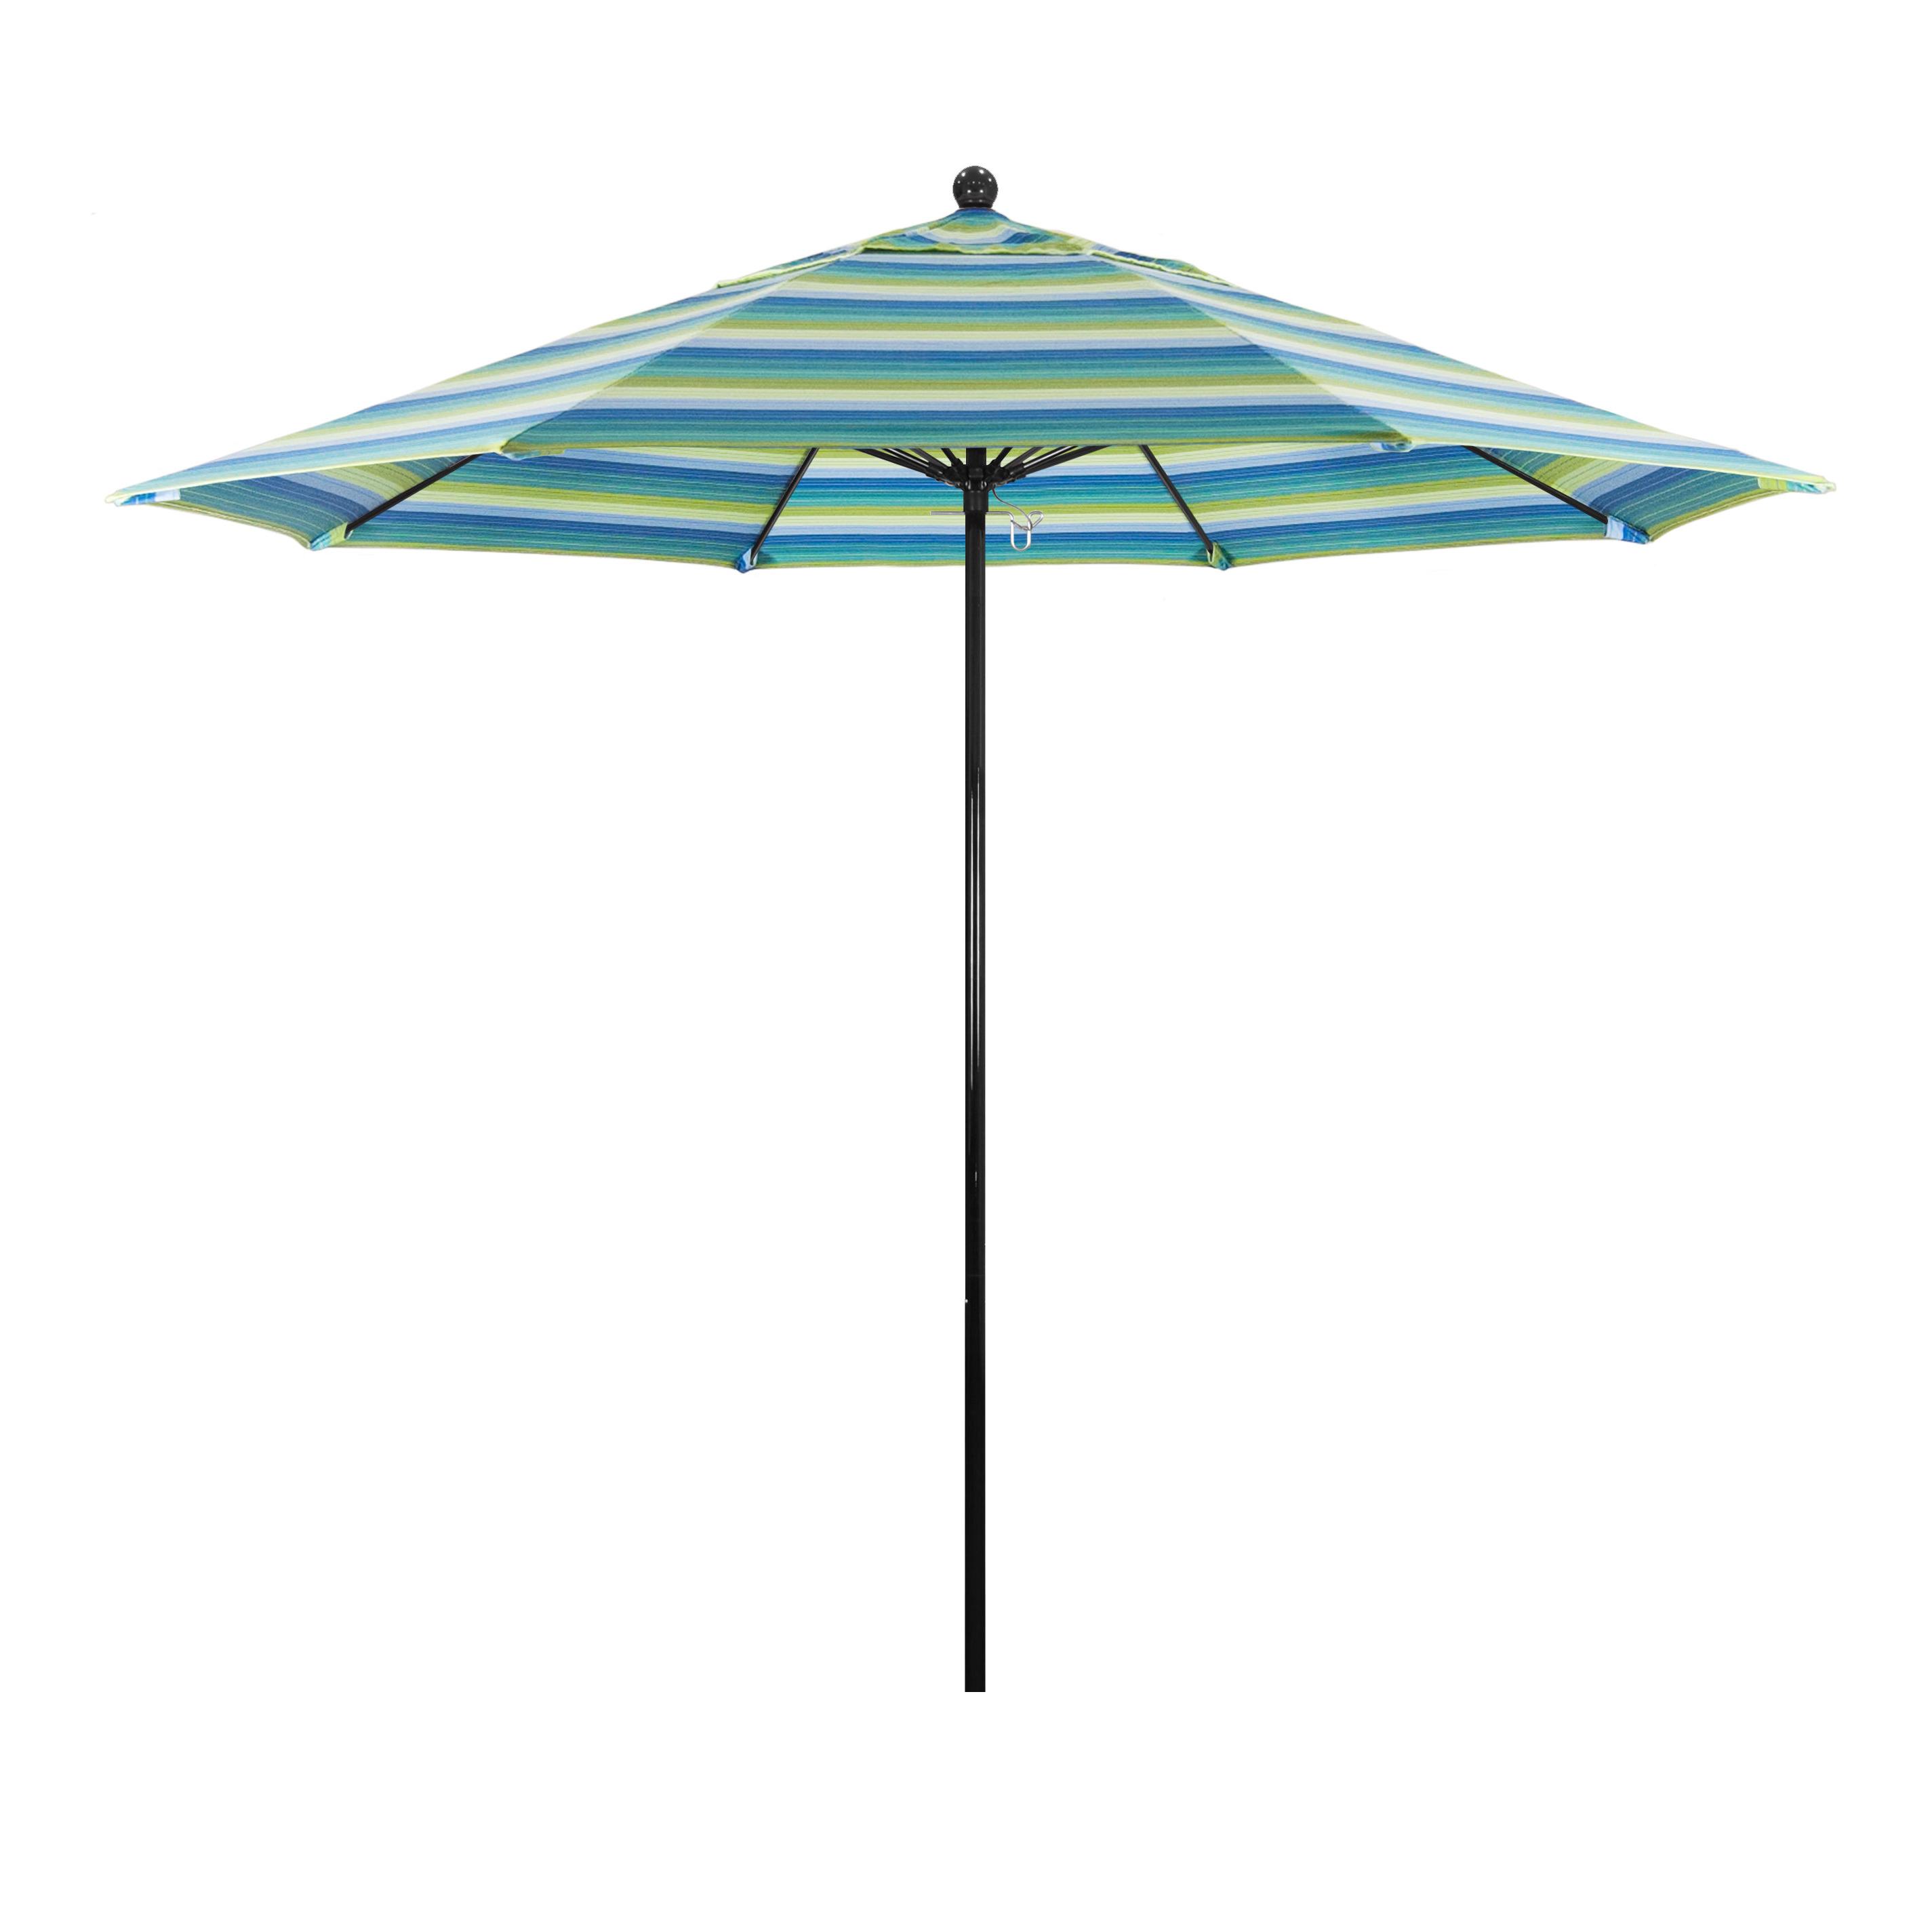 Caravelle Square Market Sunbrella Umbrellas Throughout 2020 Oceanside Series 9' Market Sunbrella Umbrella (View 6 of 20)